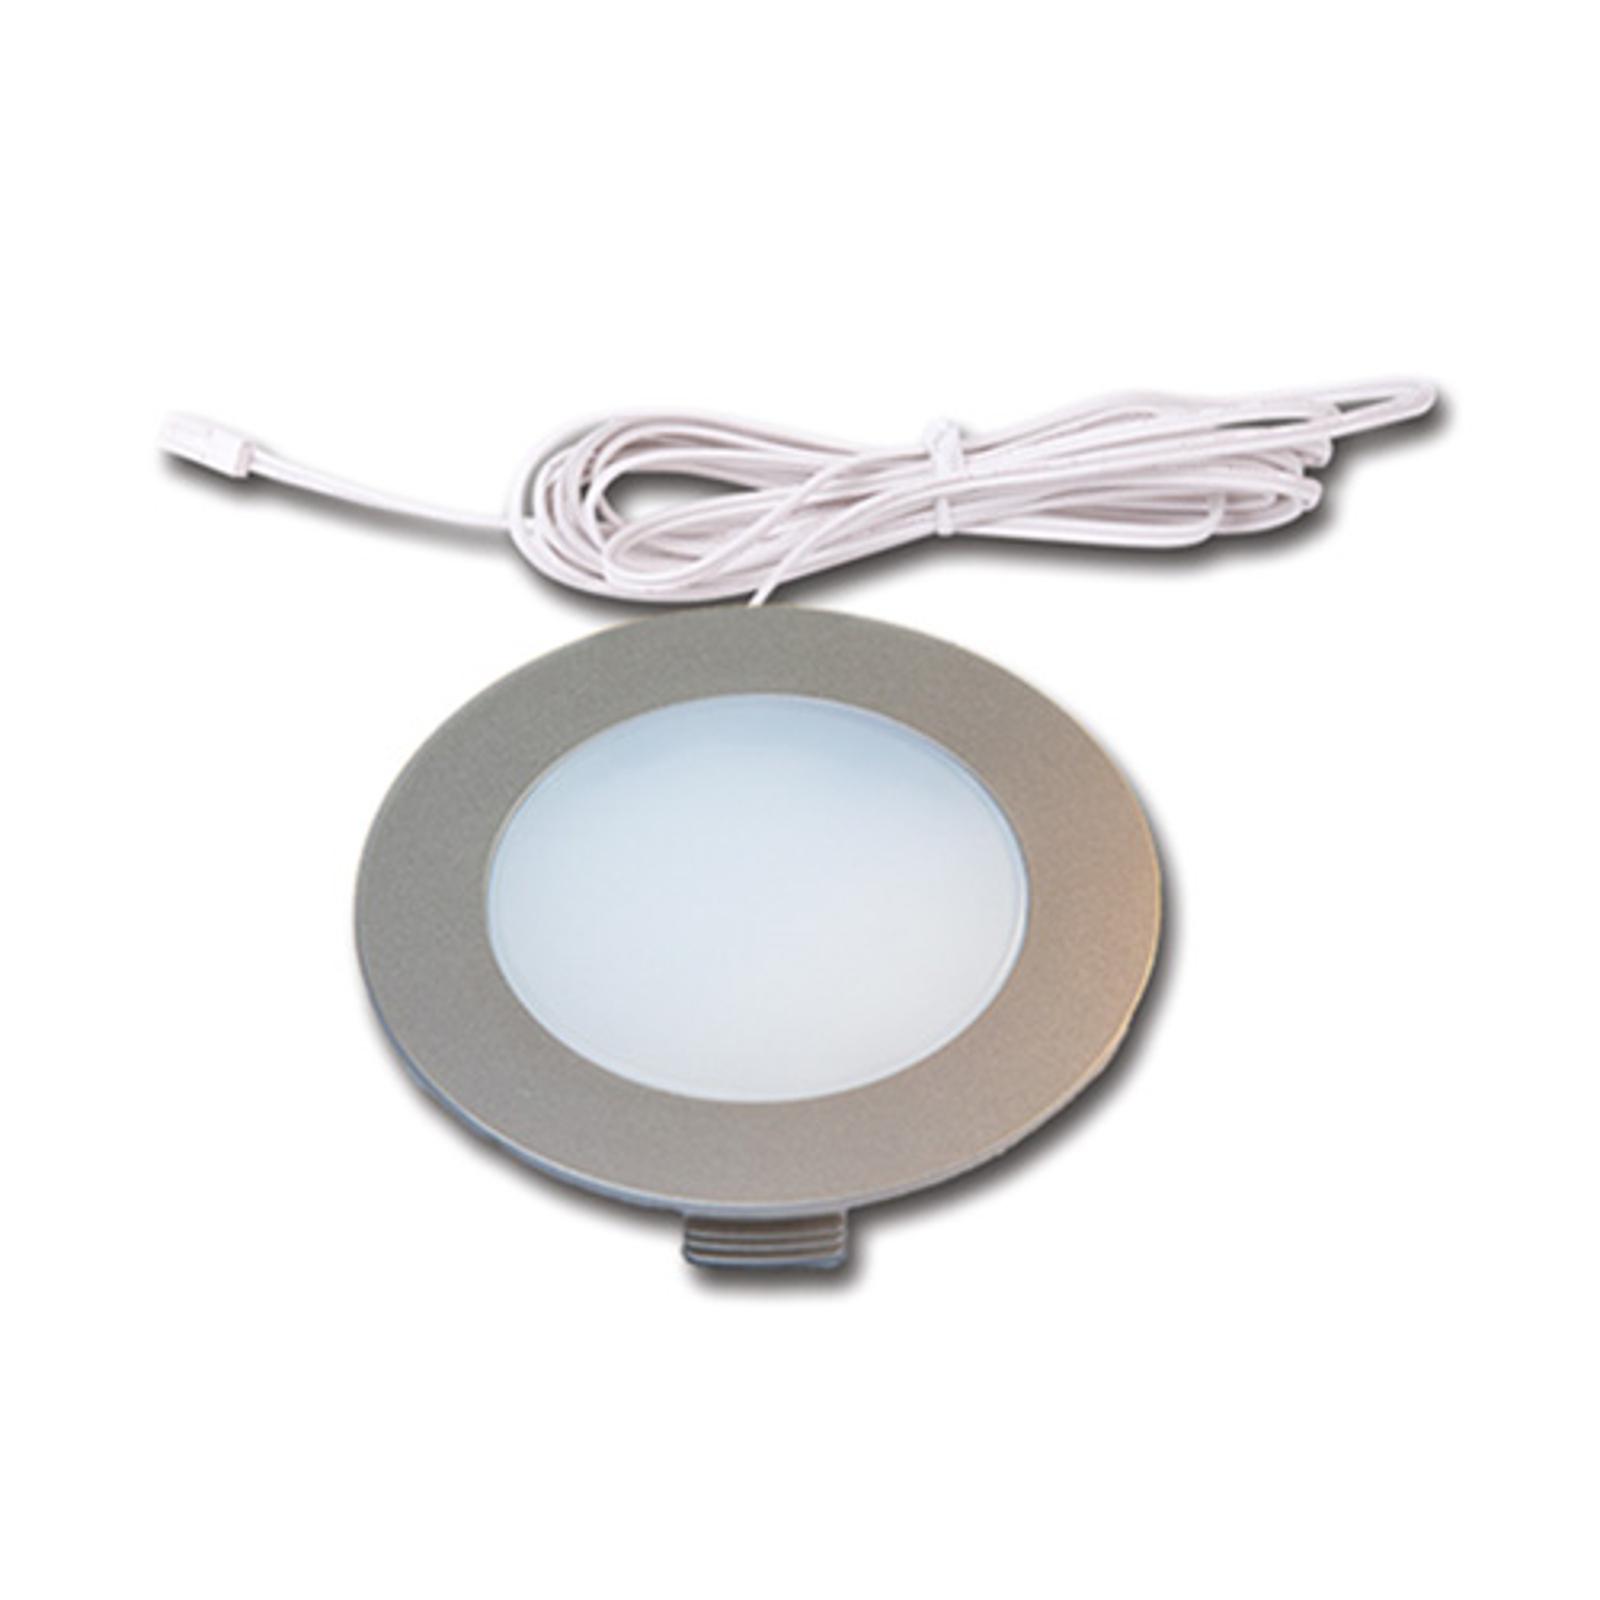 Innfellingslampe FR 78 LED, 3 stk., varmhvit